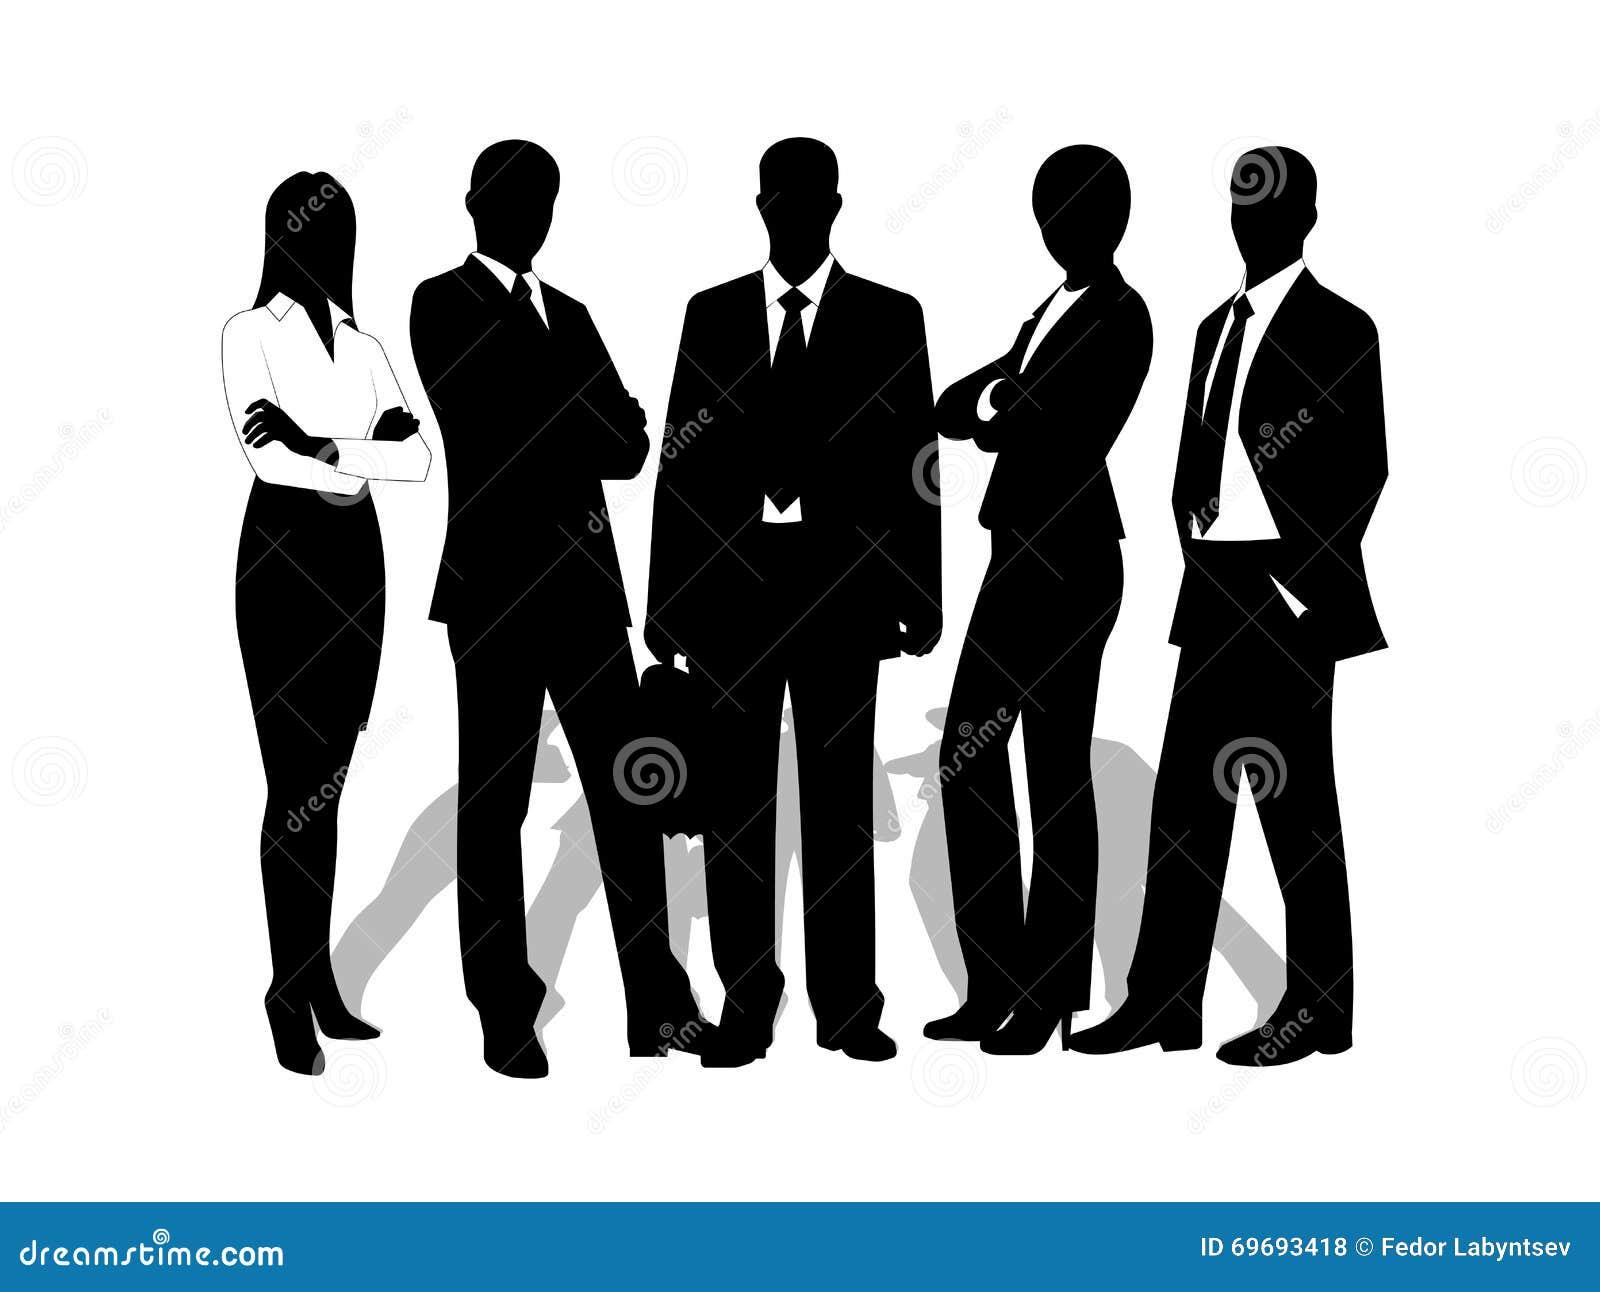 Rysunków biznesmeni na białym tle